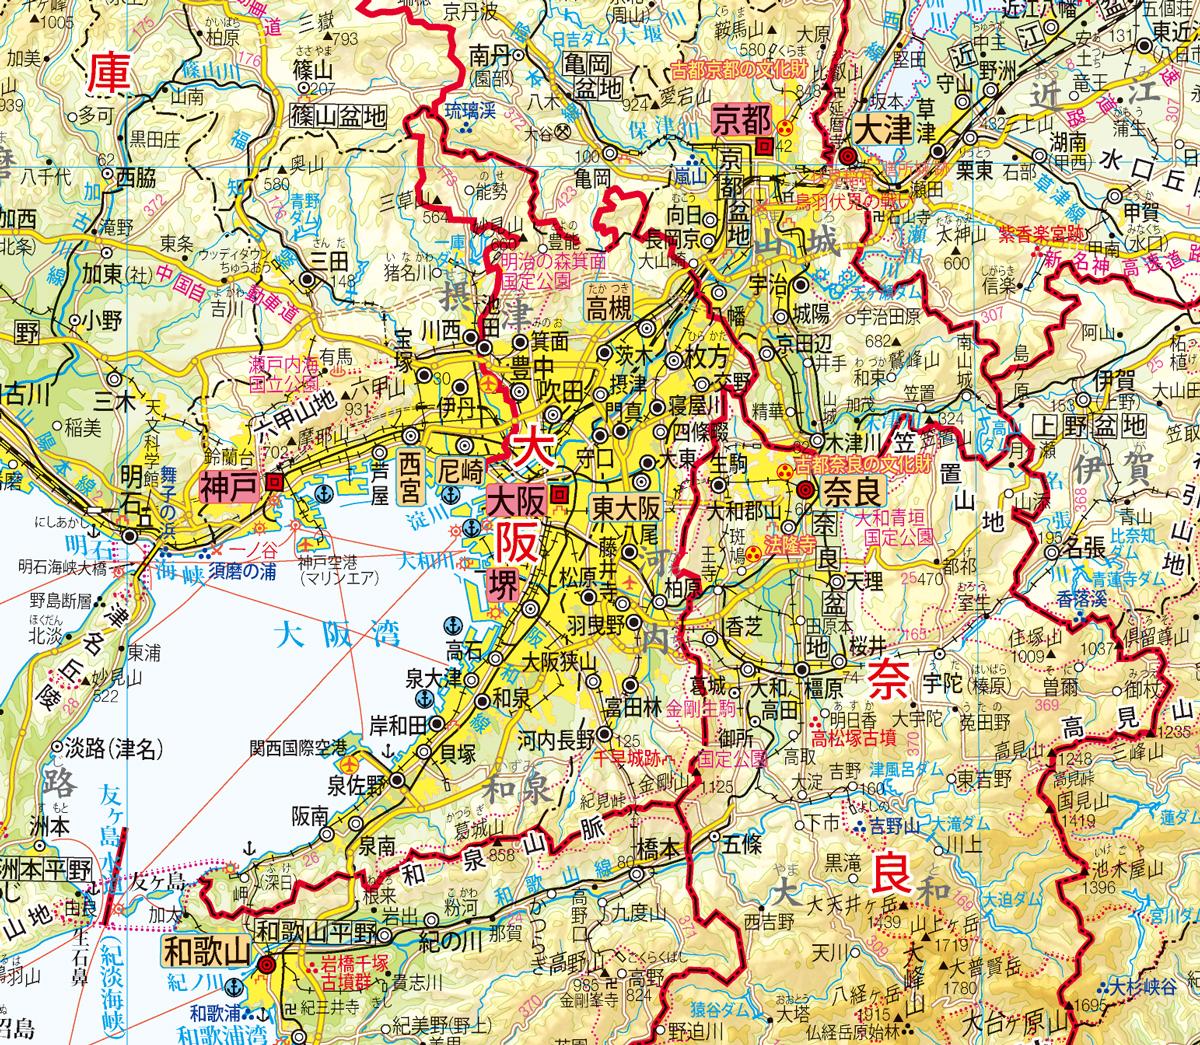 見本2 日本地図